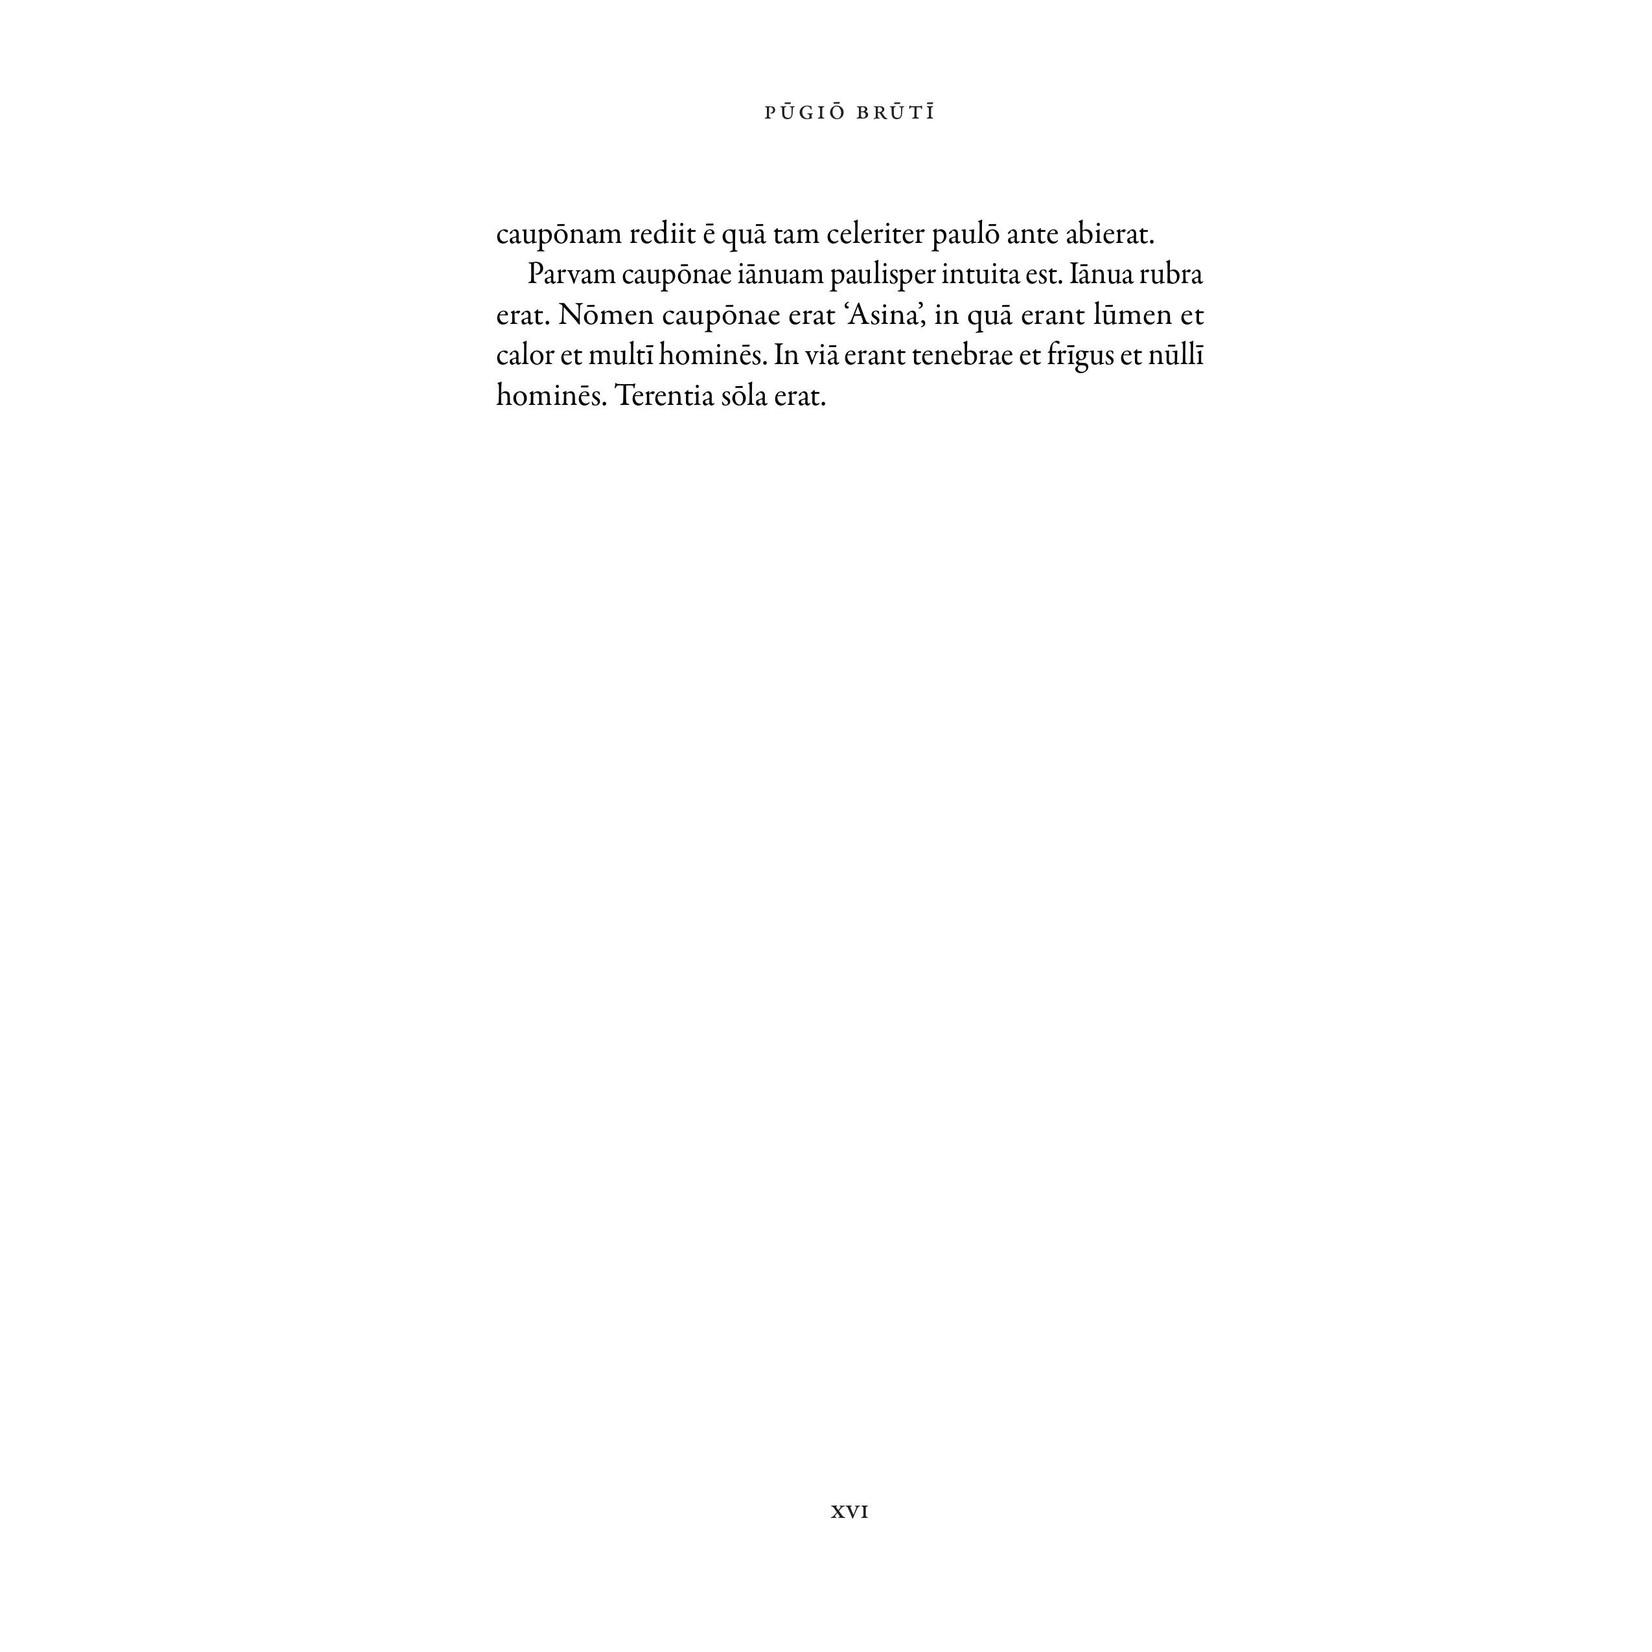 Latinitium Pugio Bruti - A crime story in easy Latin